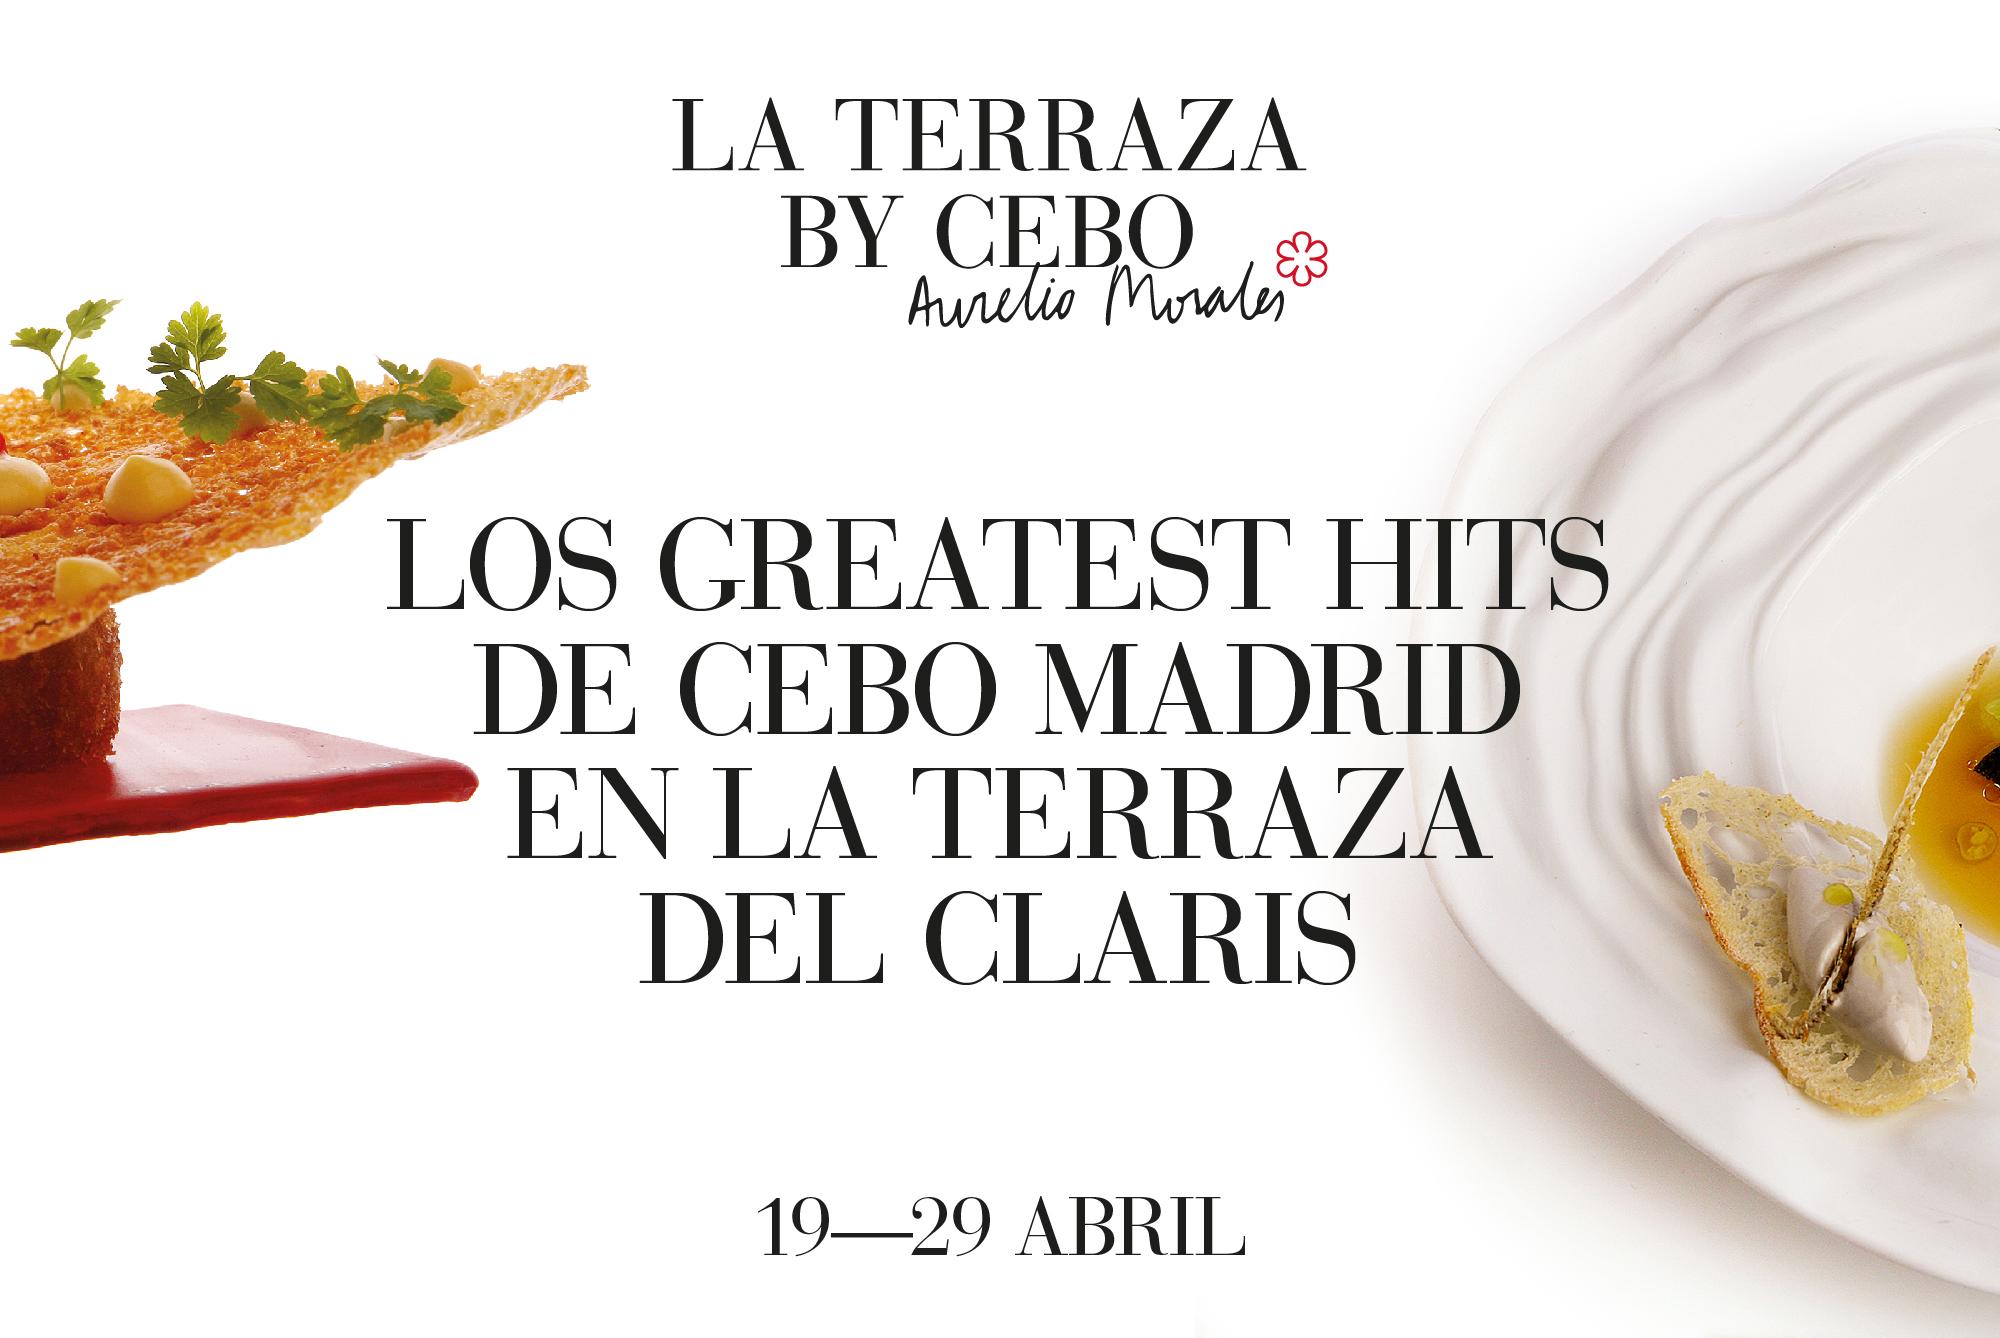 La Terraza By Cebo